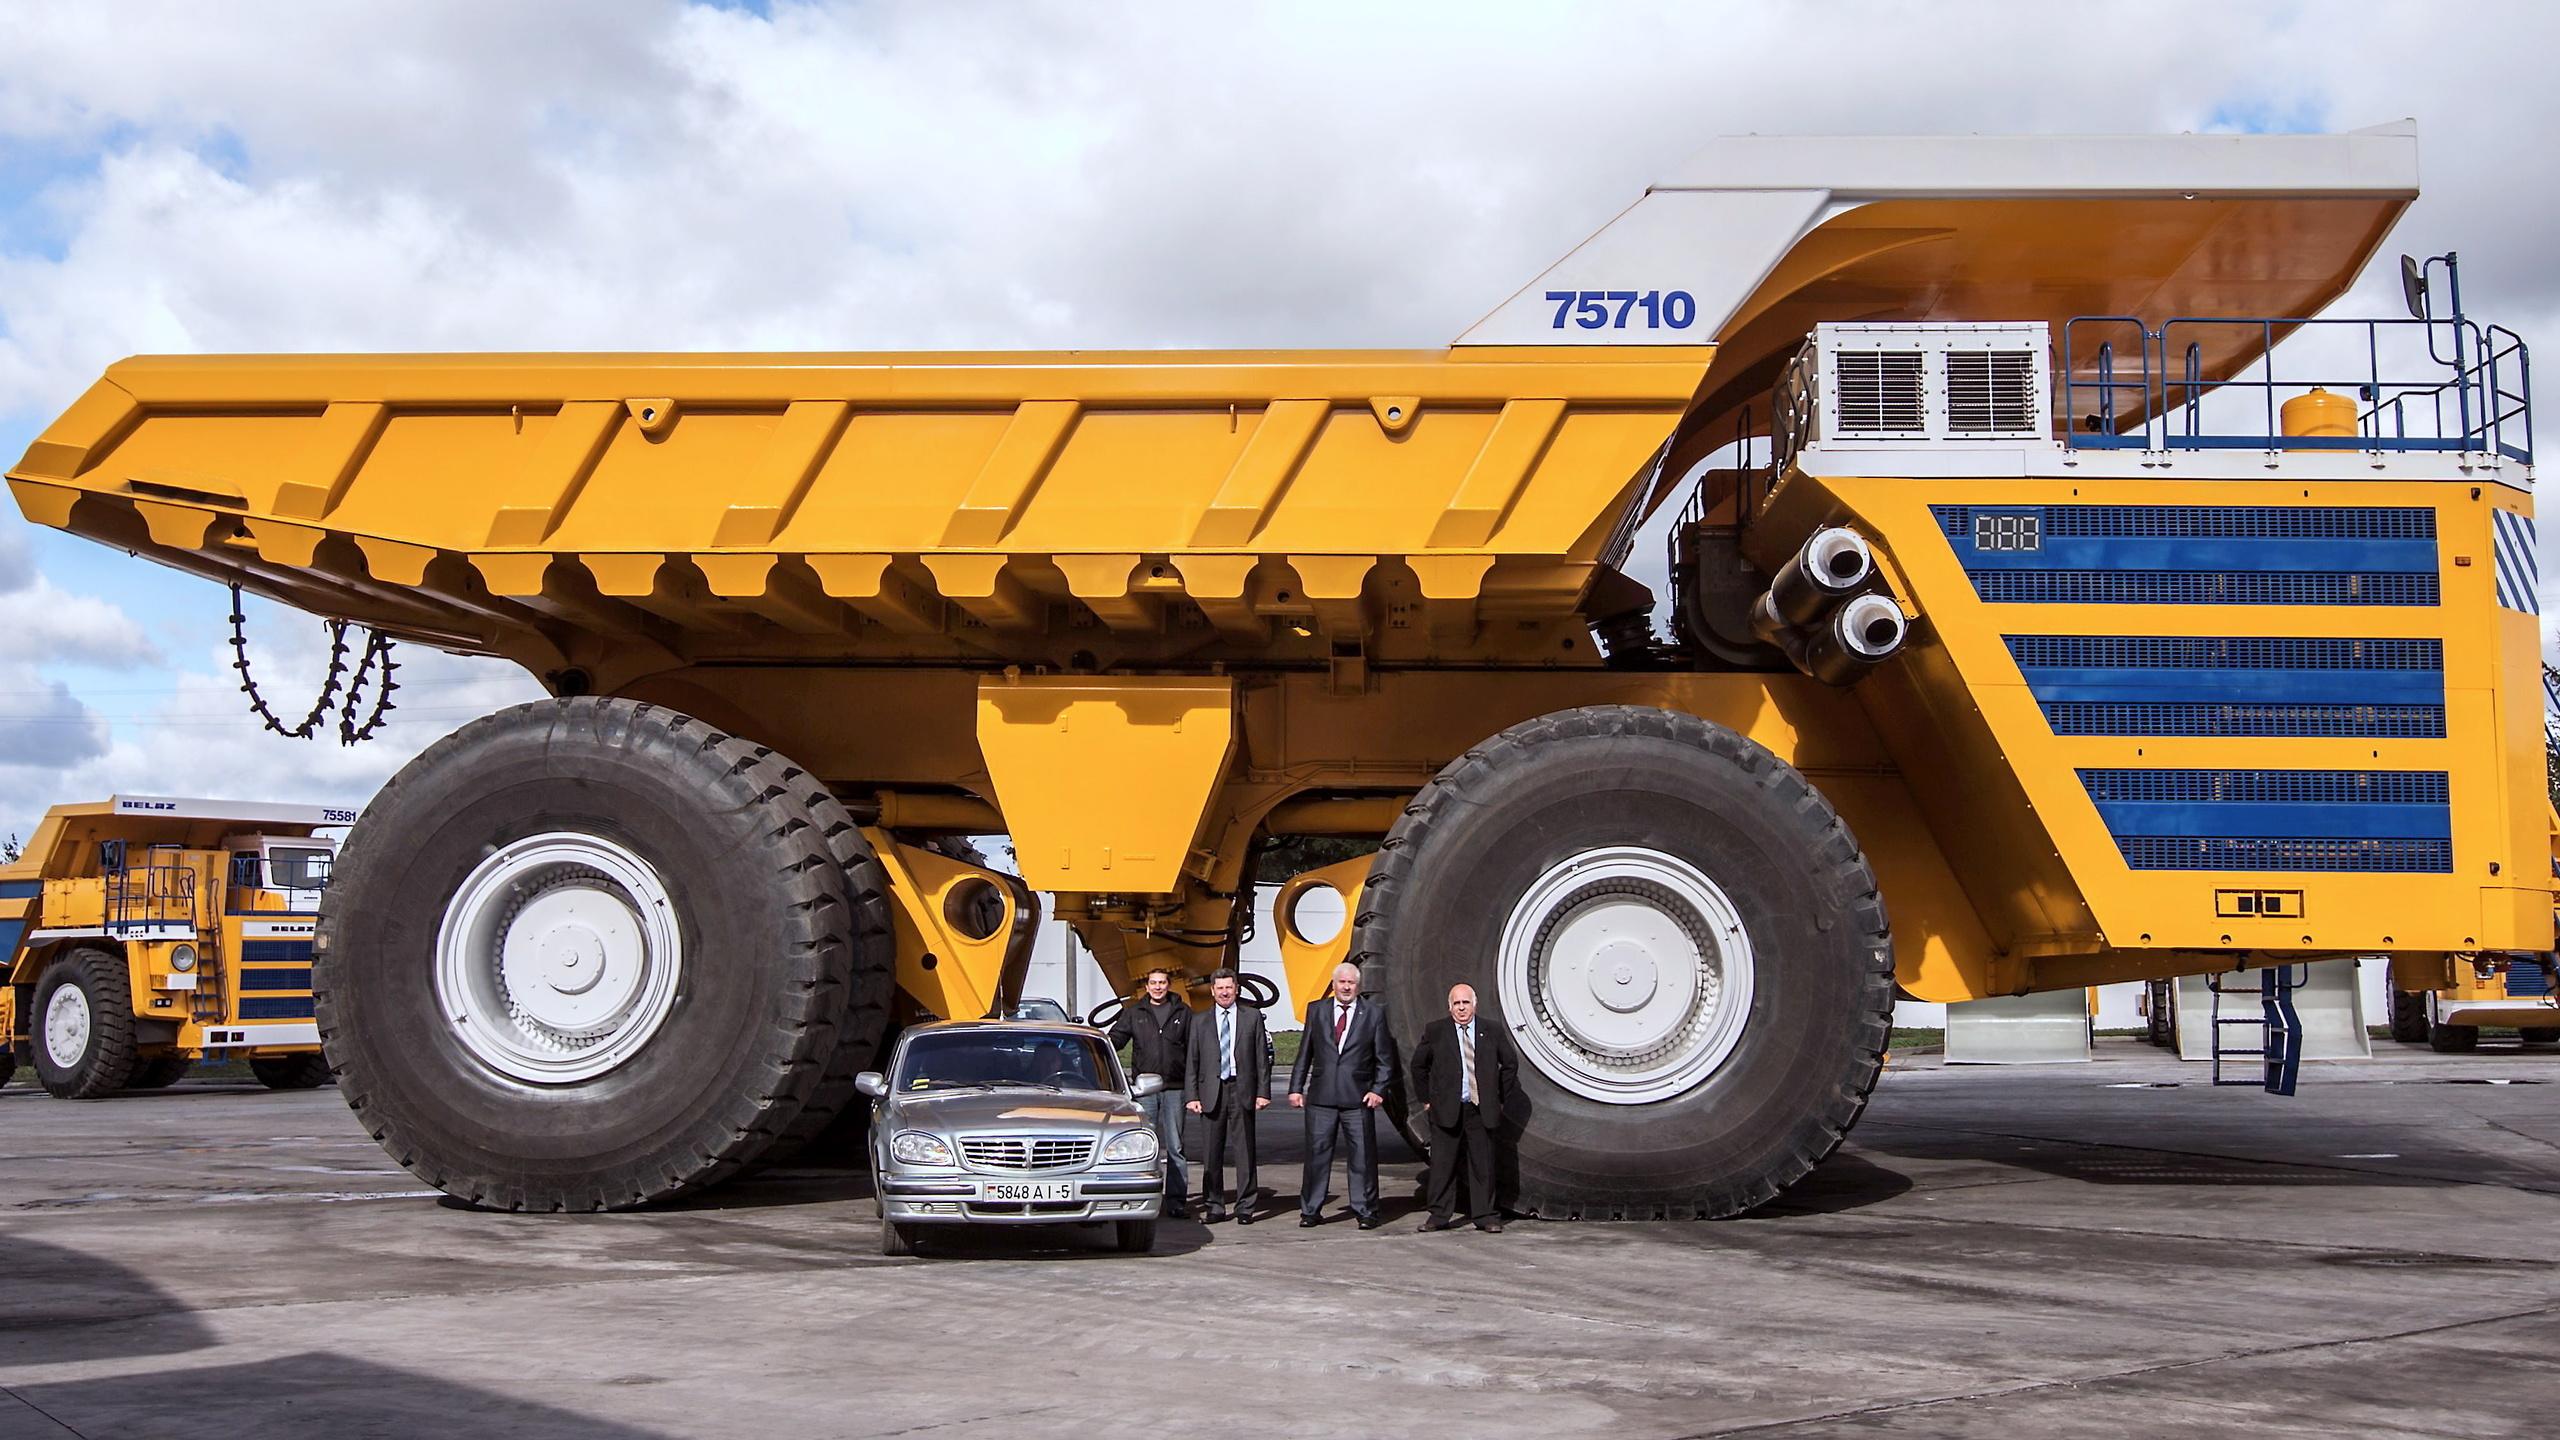 фото, самосвал, суперкар, белаз, белоруссия, гигант, тяжелая техника, 450 тонн